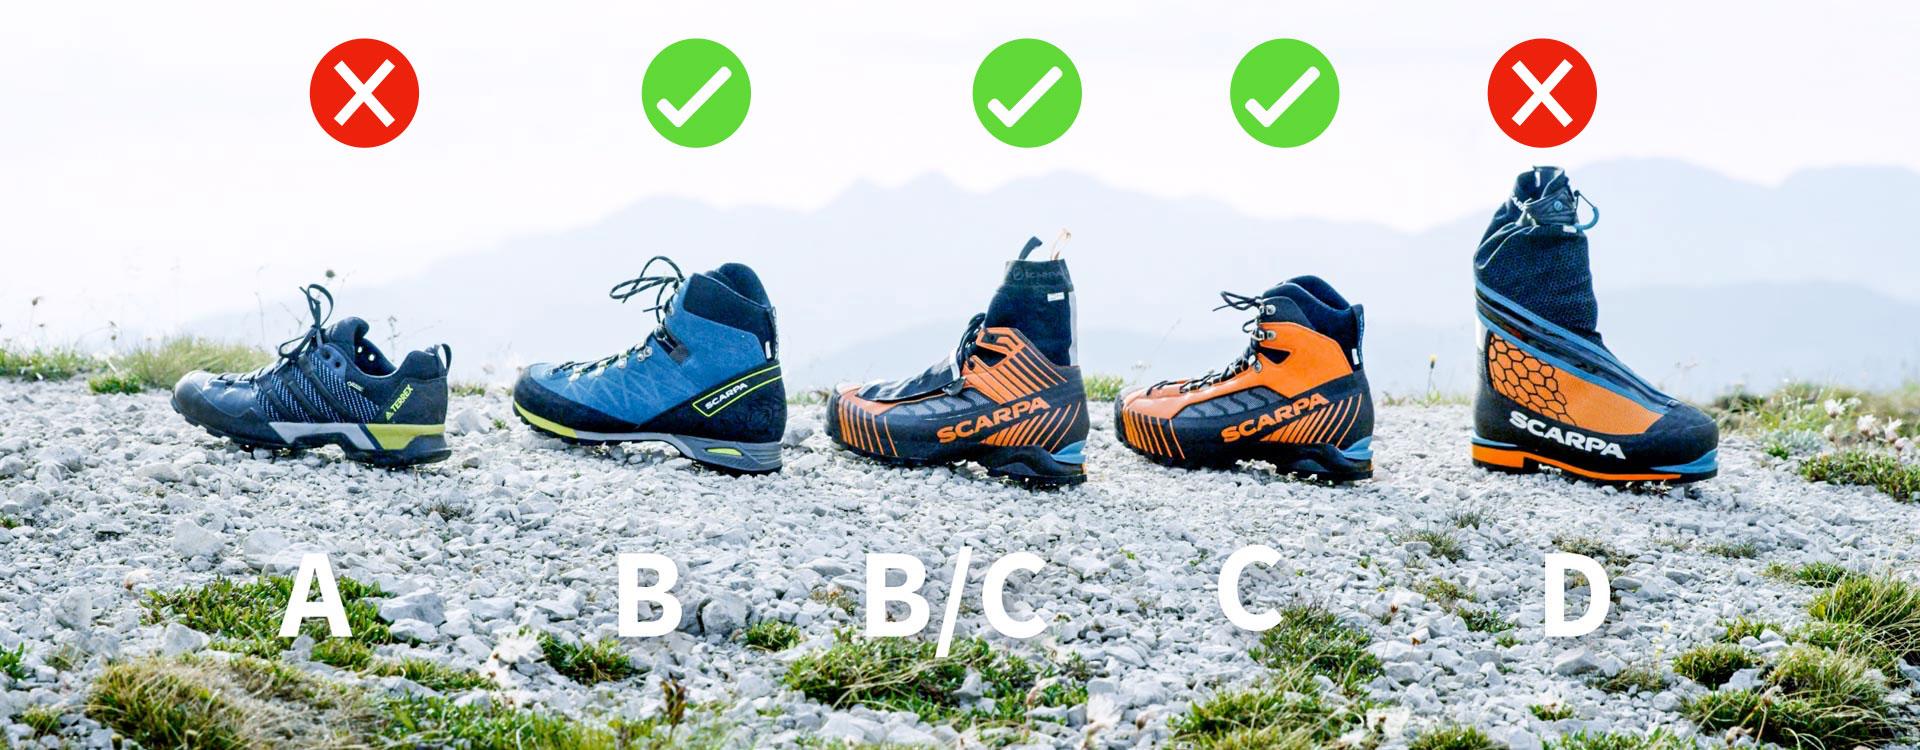 finde-geeignete-schuhe-zum-bergwandern.jpg